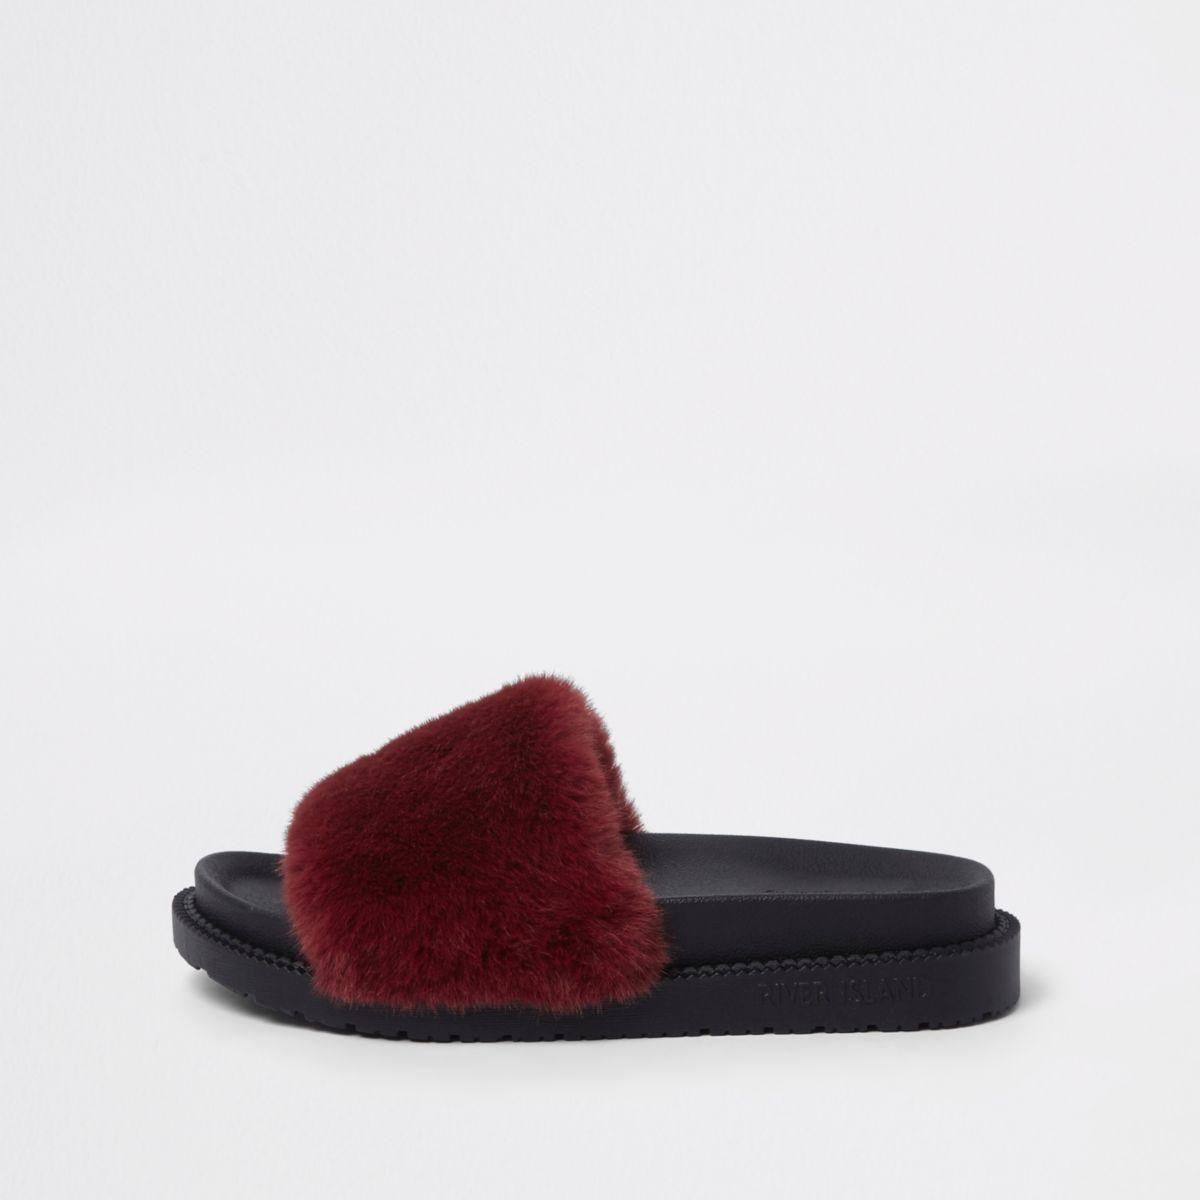 Red faux fur sliders